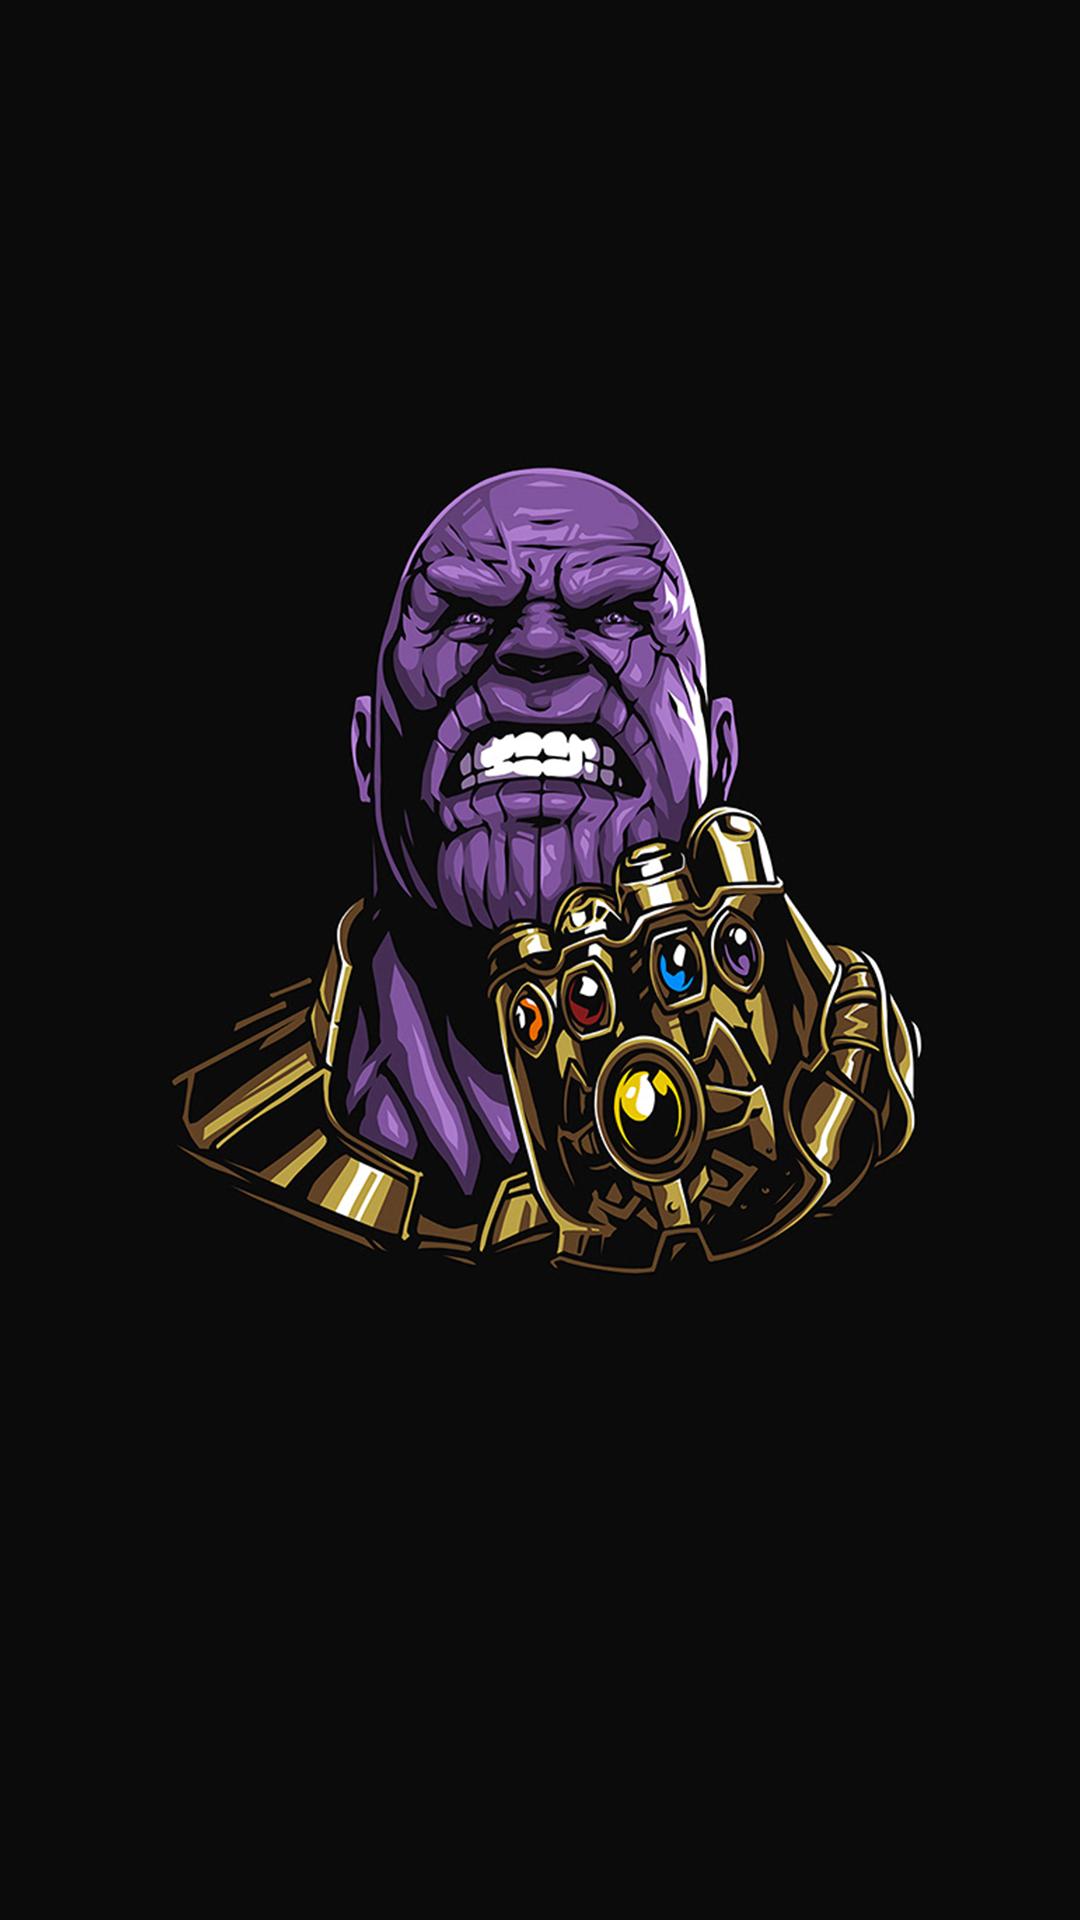 Thanos Wallpaper Superhero Wallpaper Marvel Comics Wallpaper Marvel Wallpaper